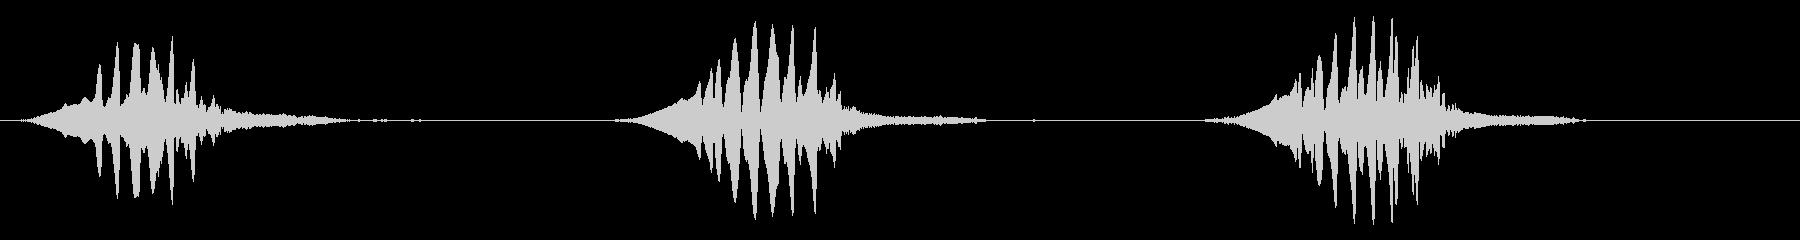 ノーザン・モッキングバード:シング...の未再生の波形